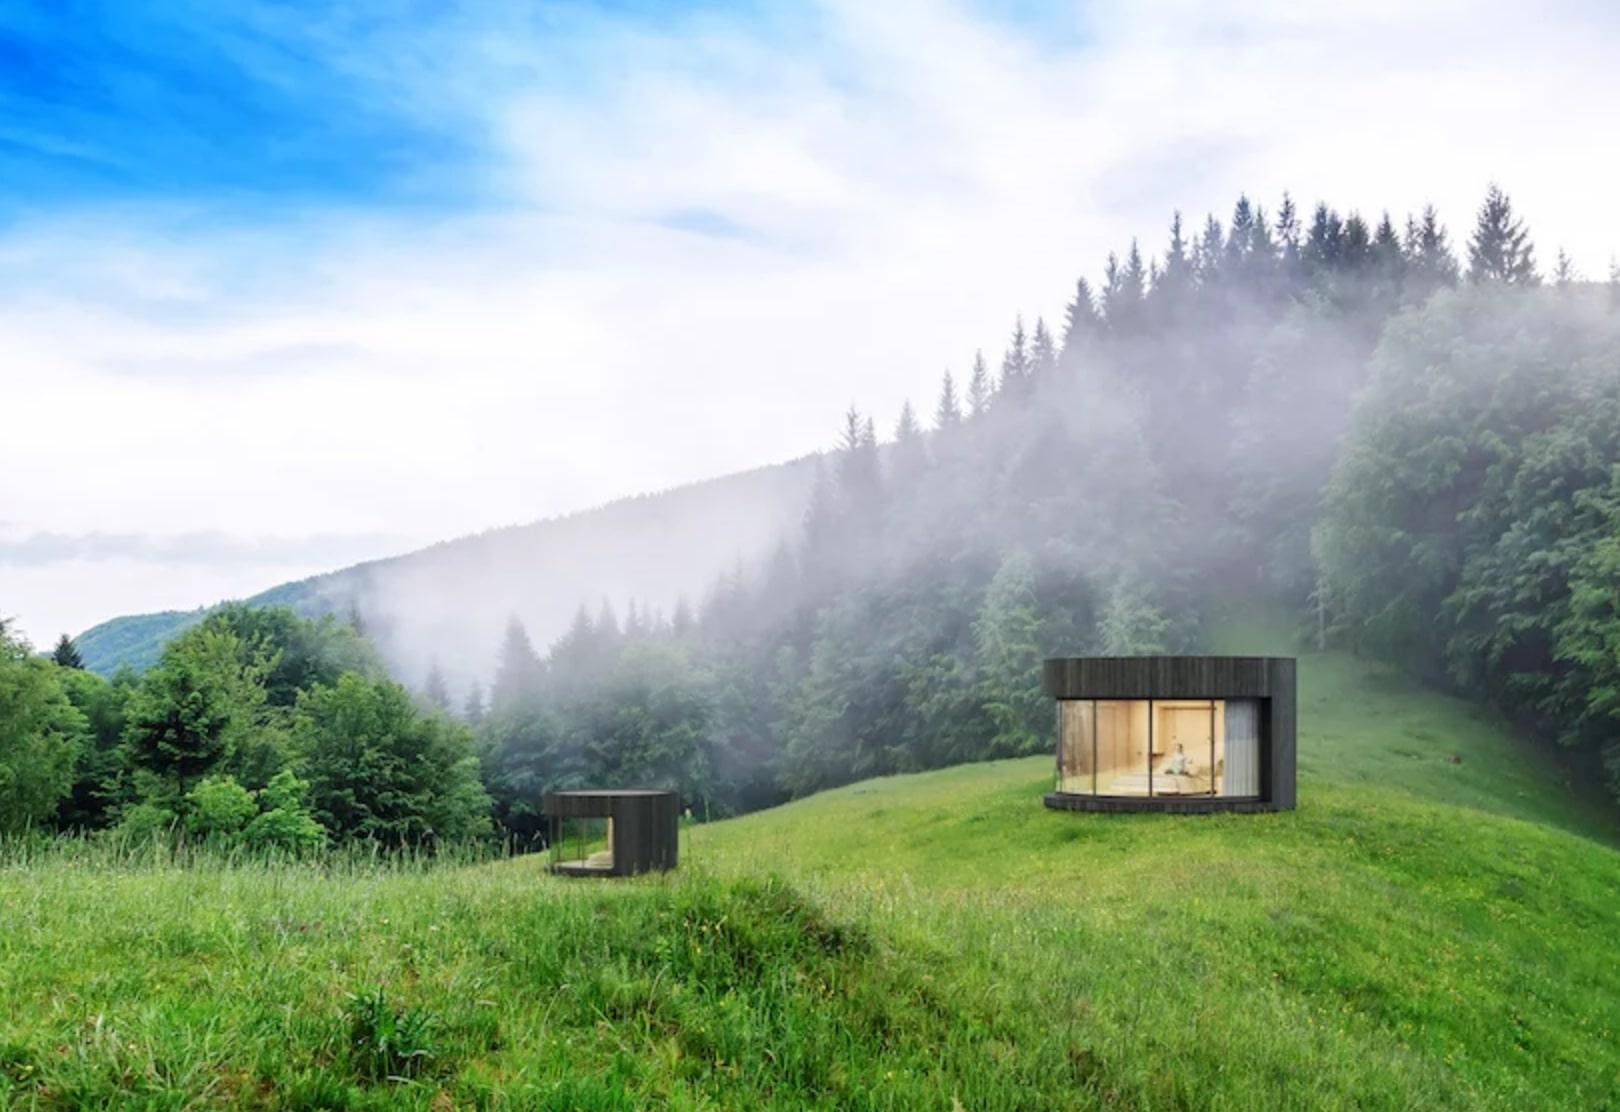 Dizajnérsky skvost v podobe kruhovej chatky uprostred nádhernej prírody